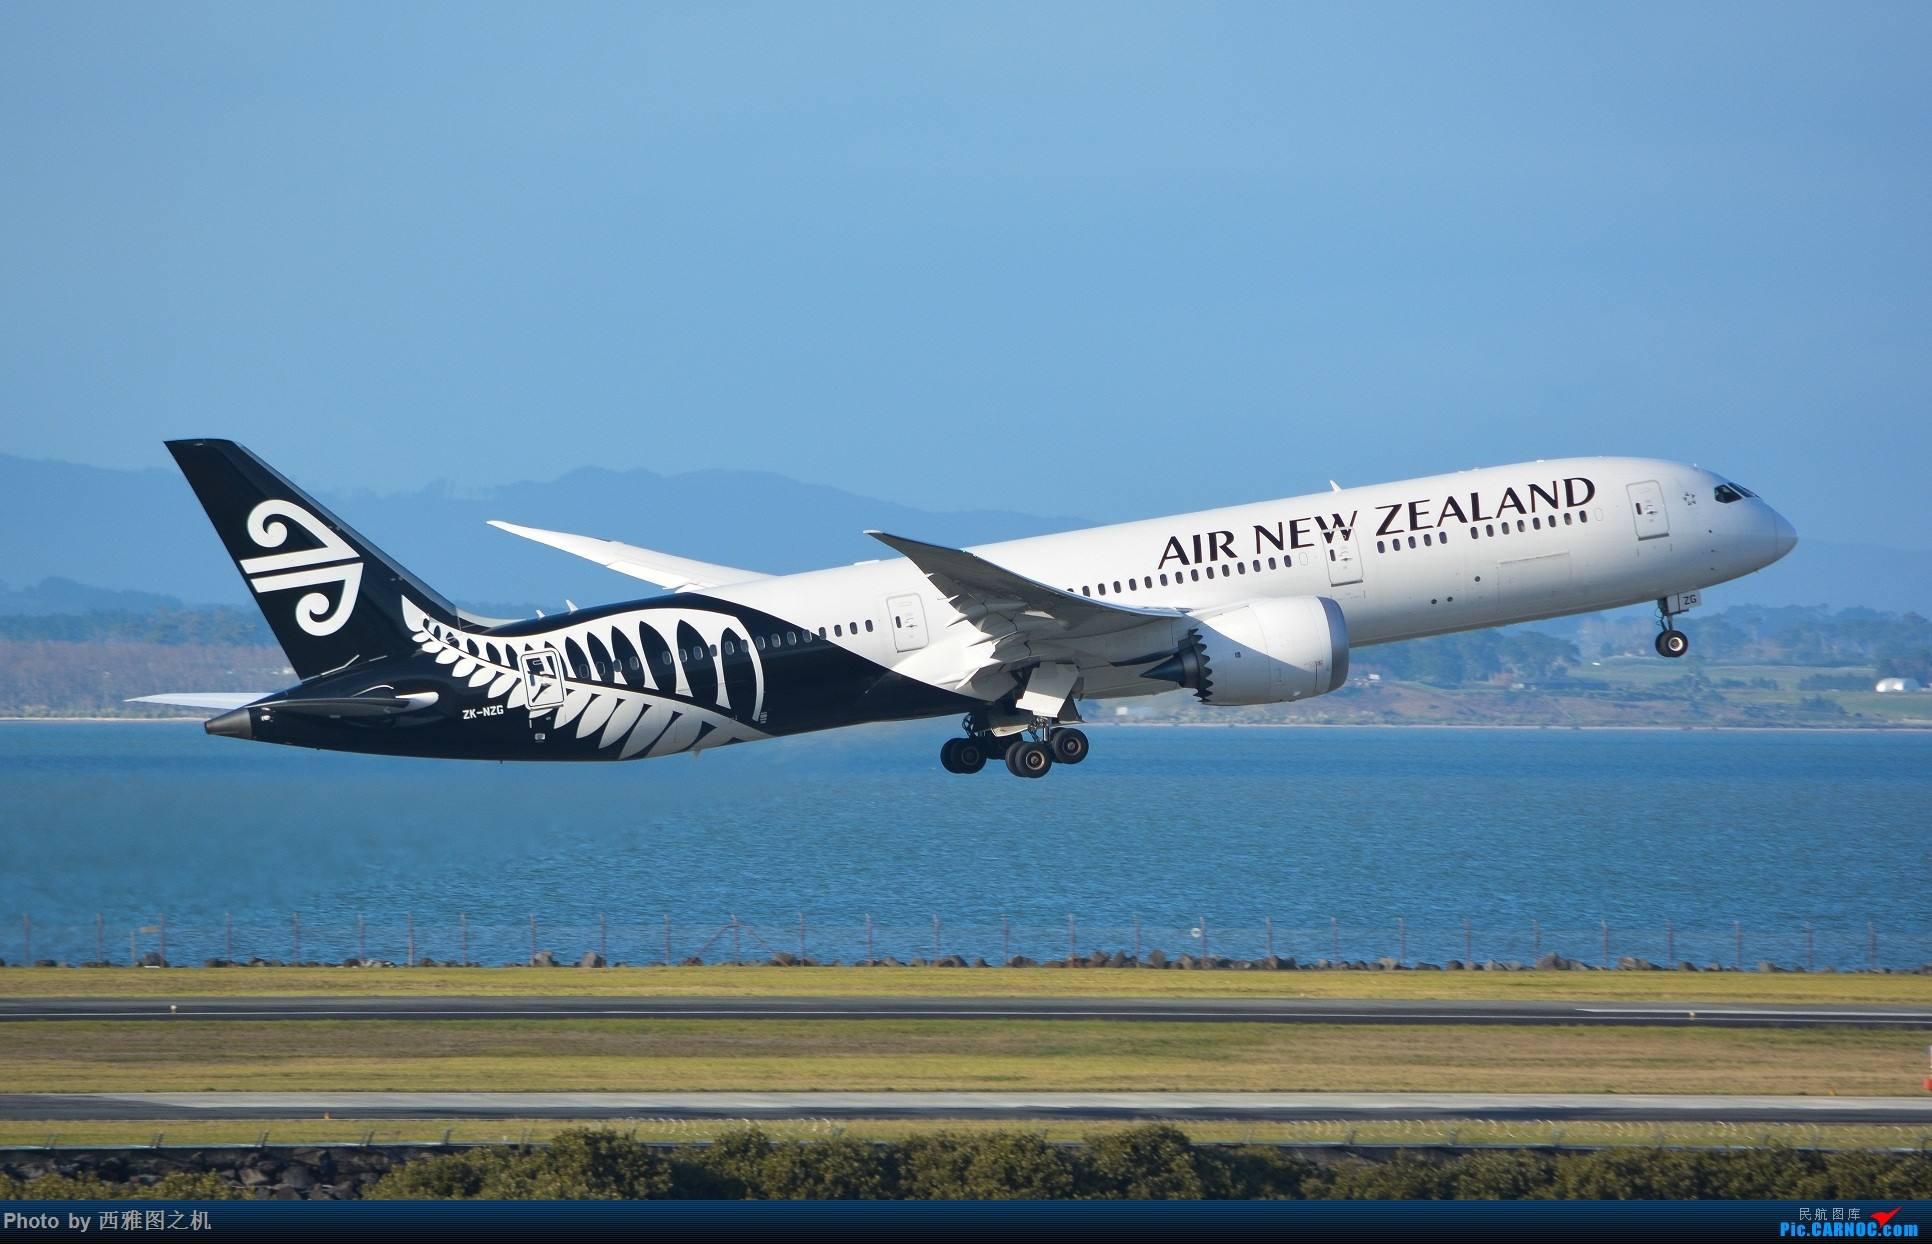 新西兰入境流程以及注意事项(一)